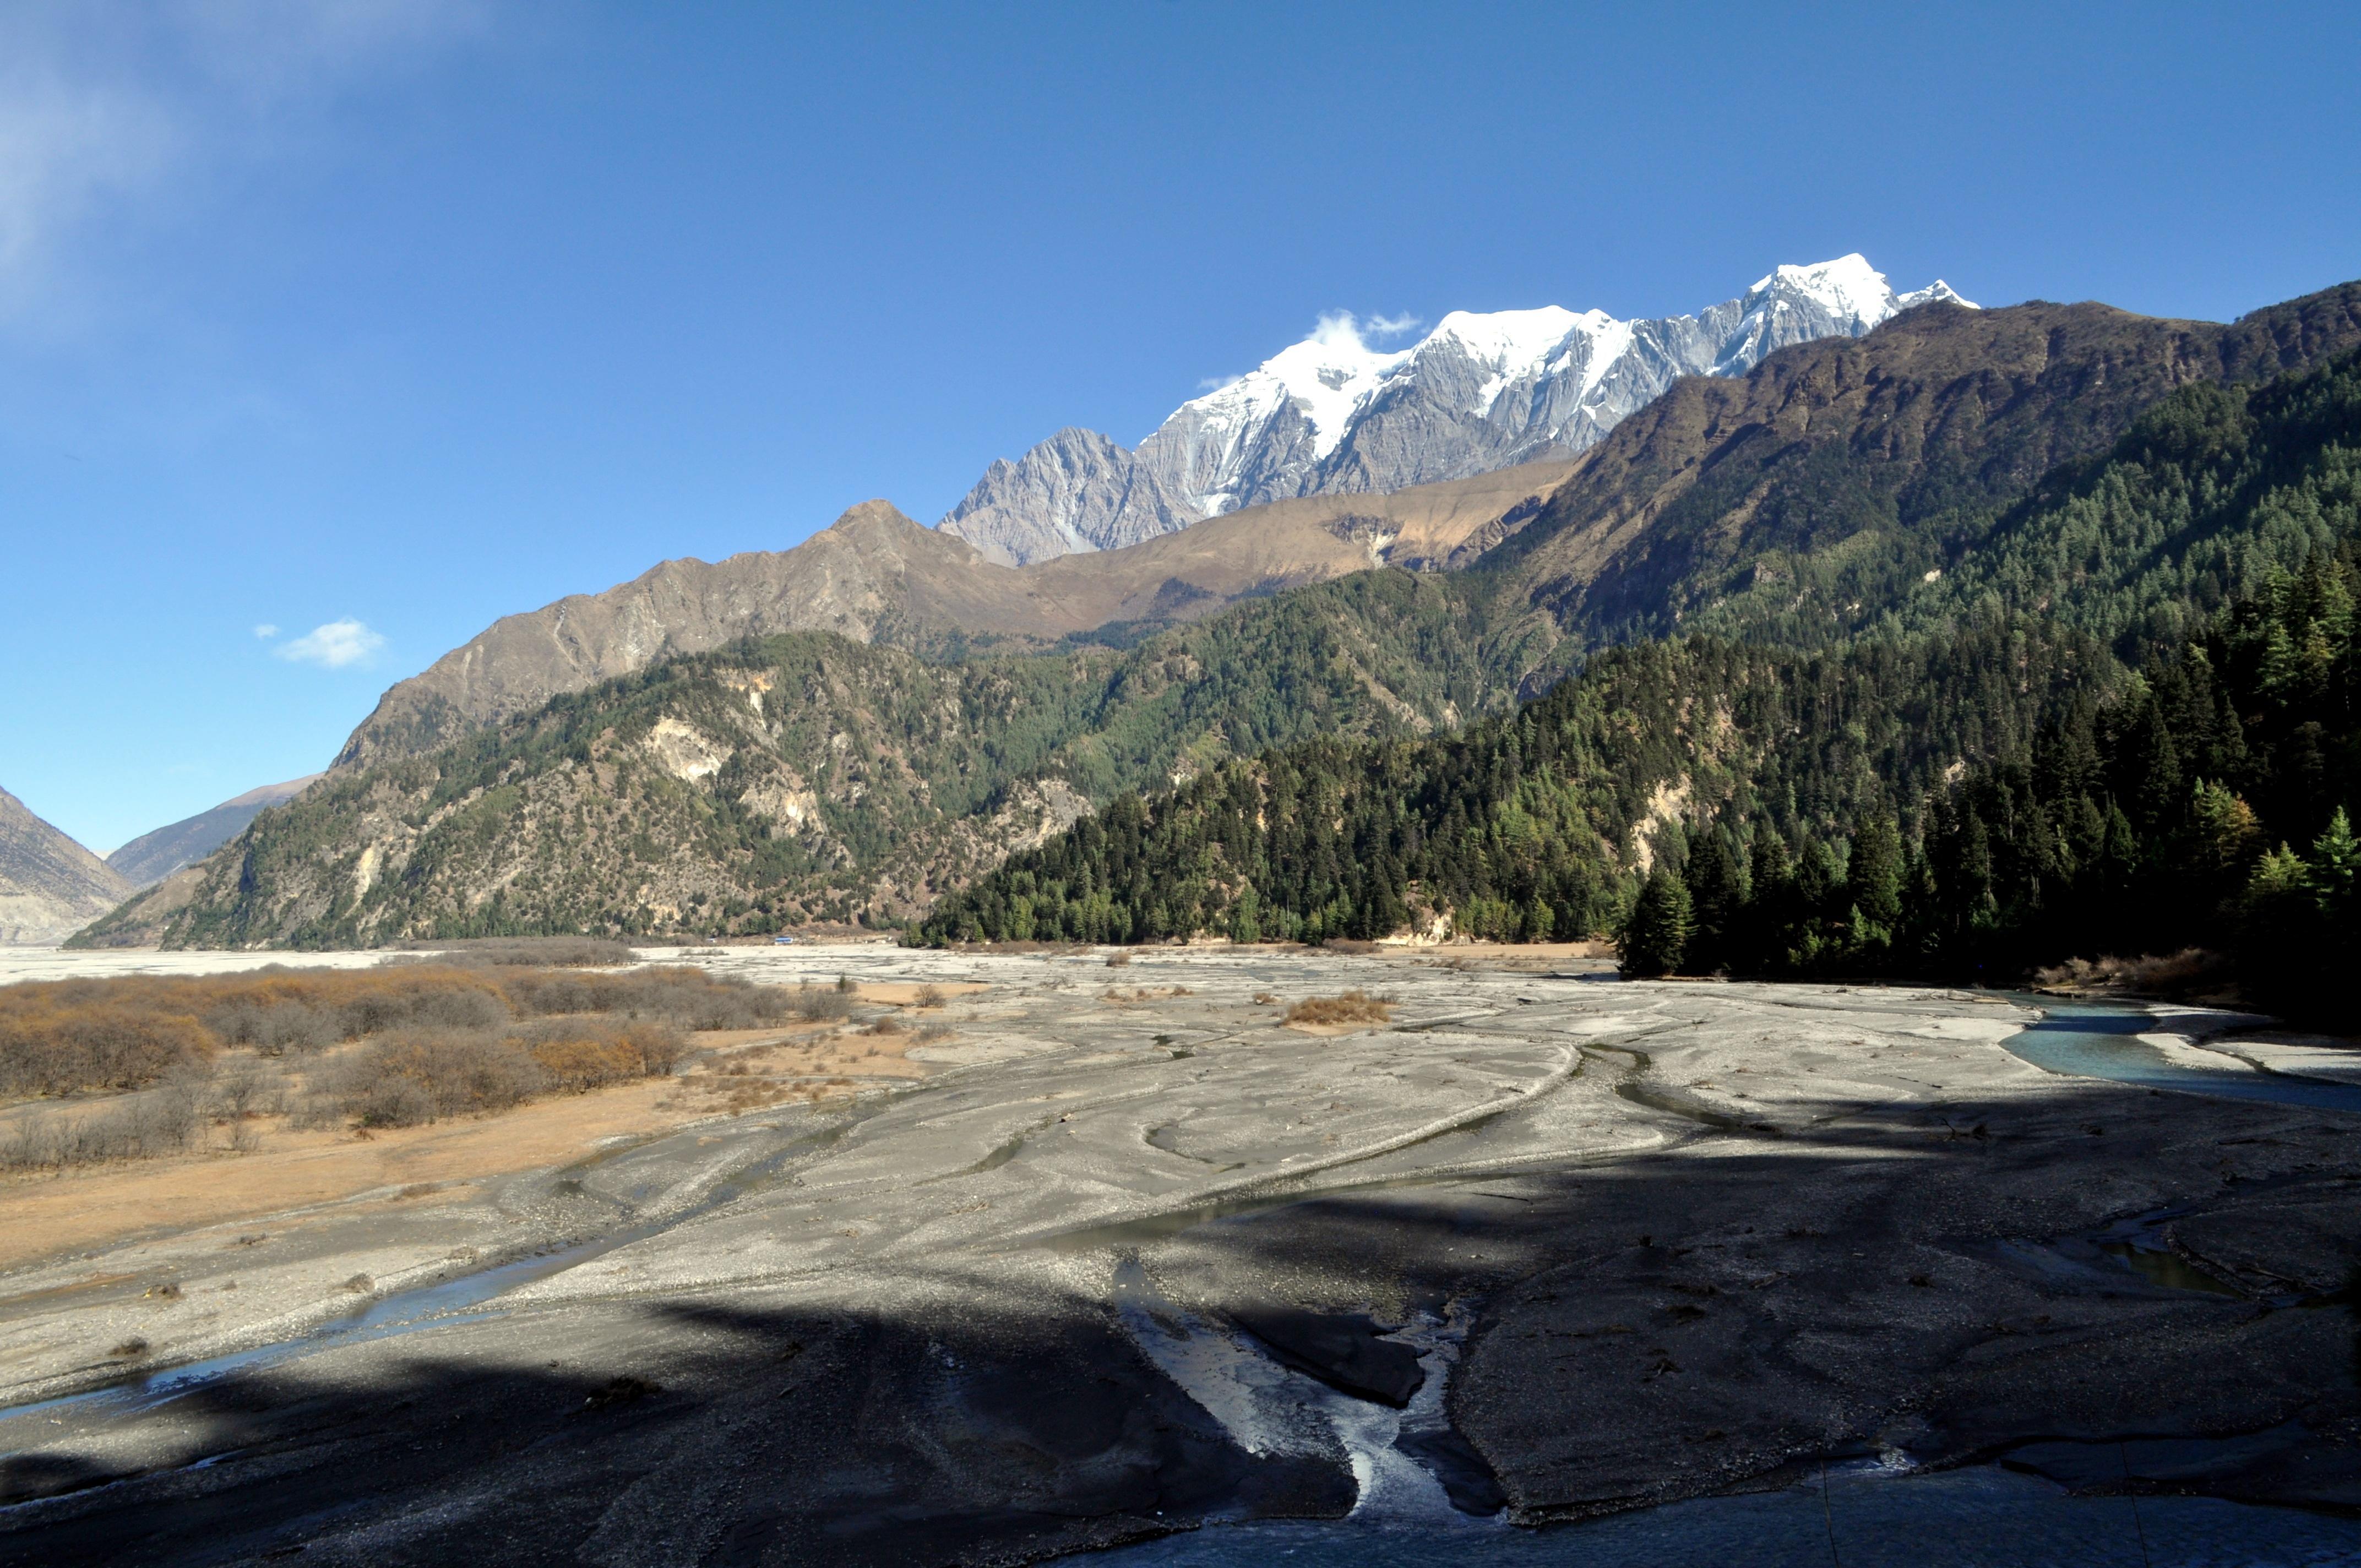 il letto del Kali Gandaki, oro e argento, e la catena Himalayana sullo sfondo